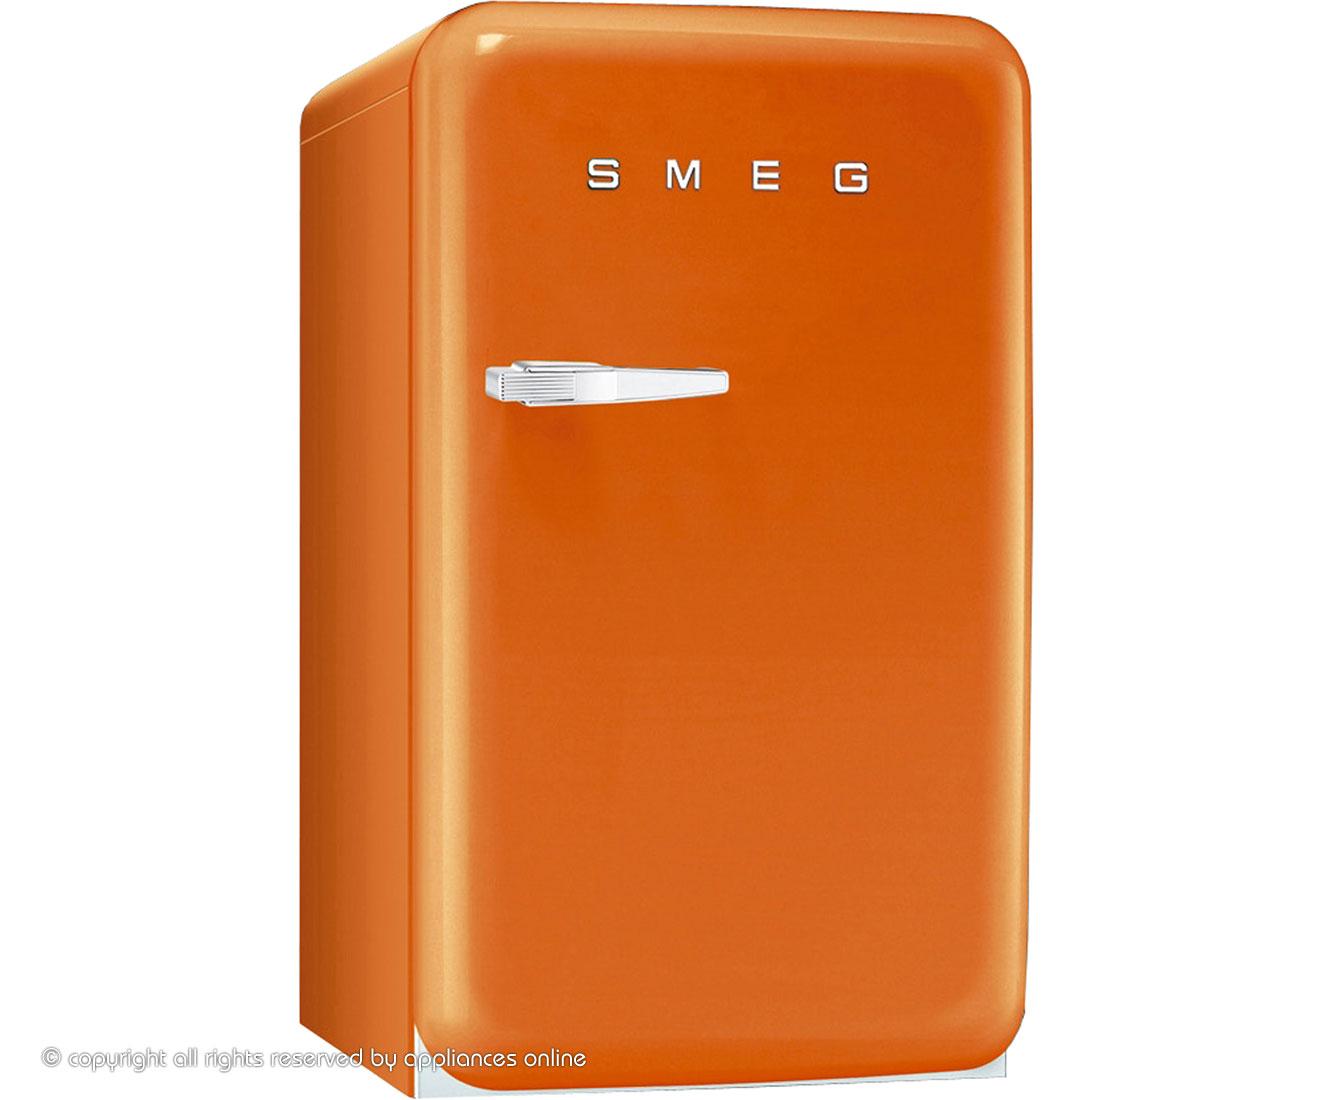 ตู้เย็น SMEG รุ่น FAB10RO